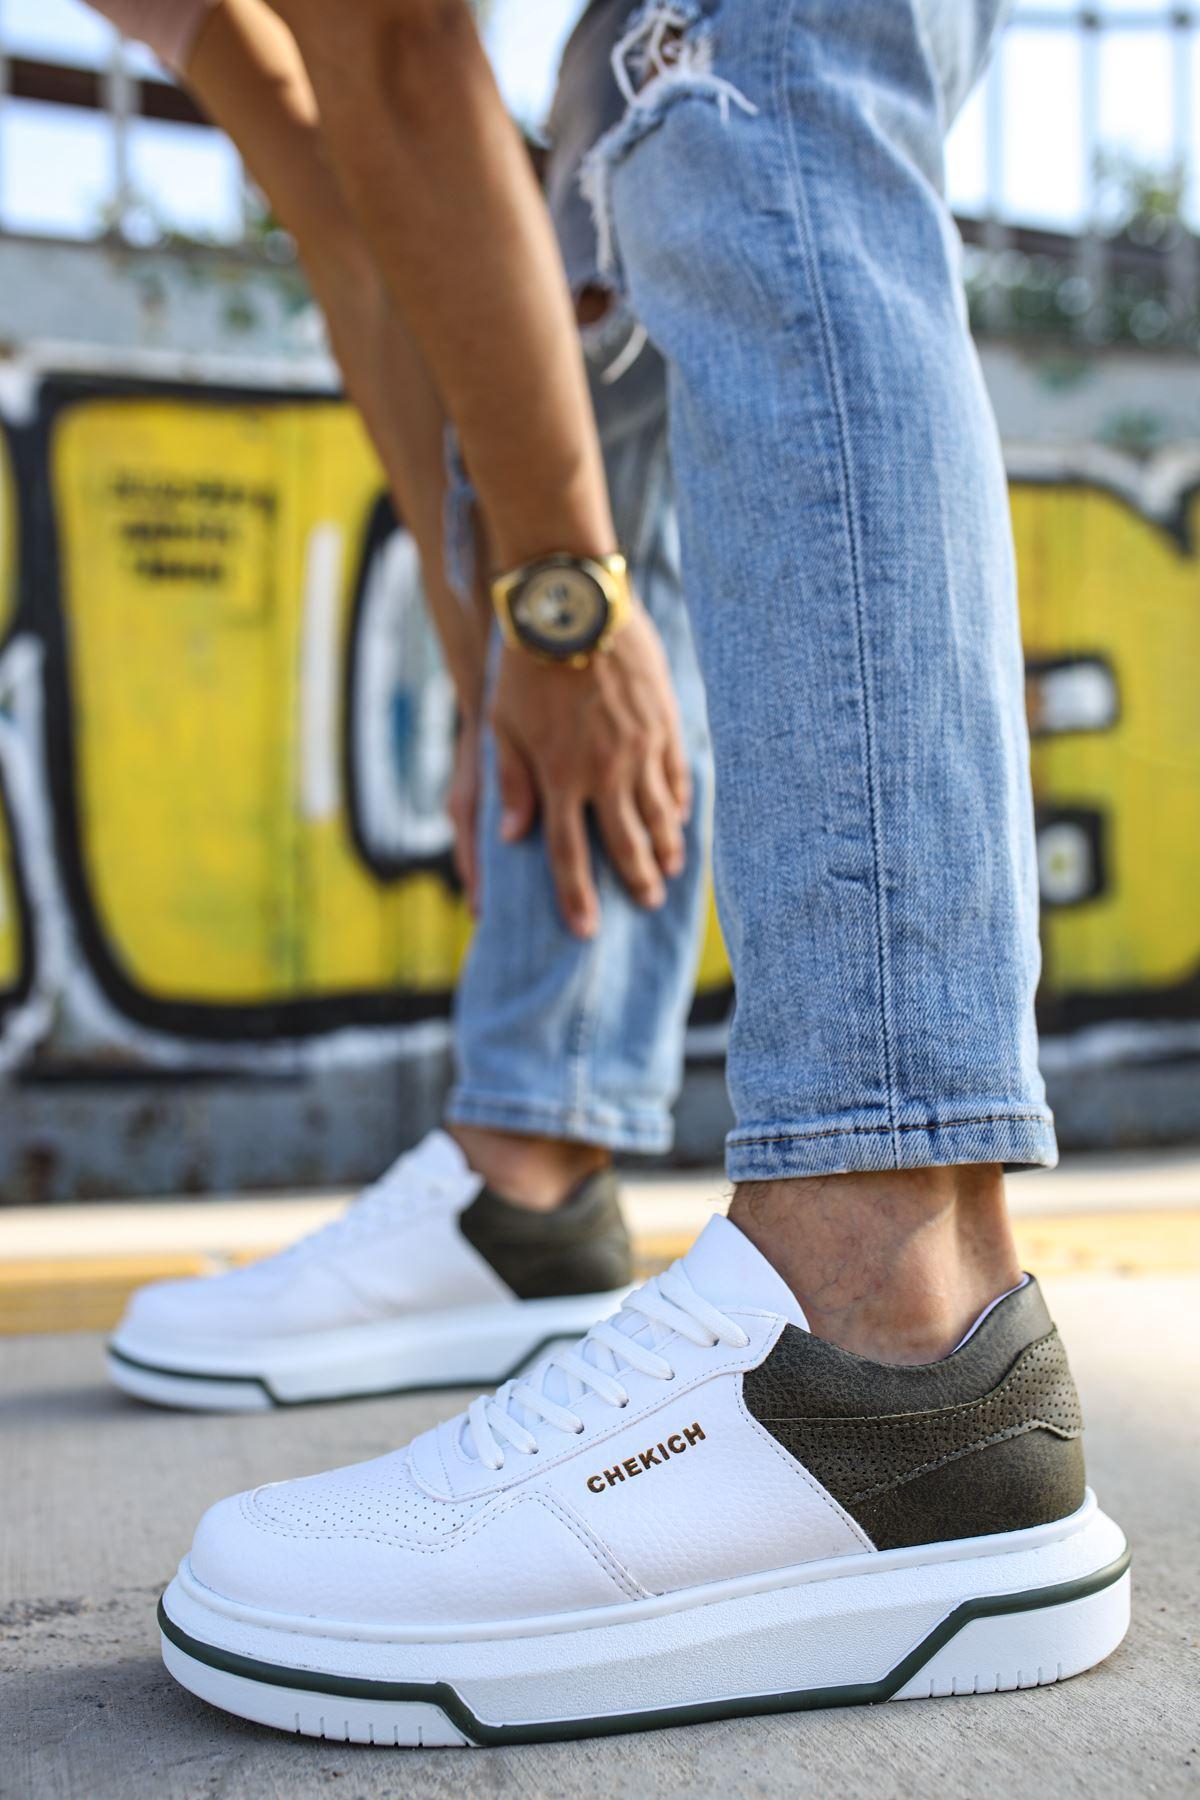 Chekich CH075 Beyaz Taban Erkek Ayakkabı BEYAZ / HAKİ